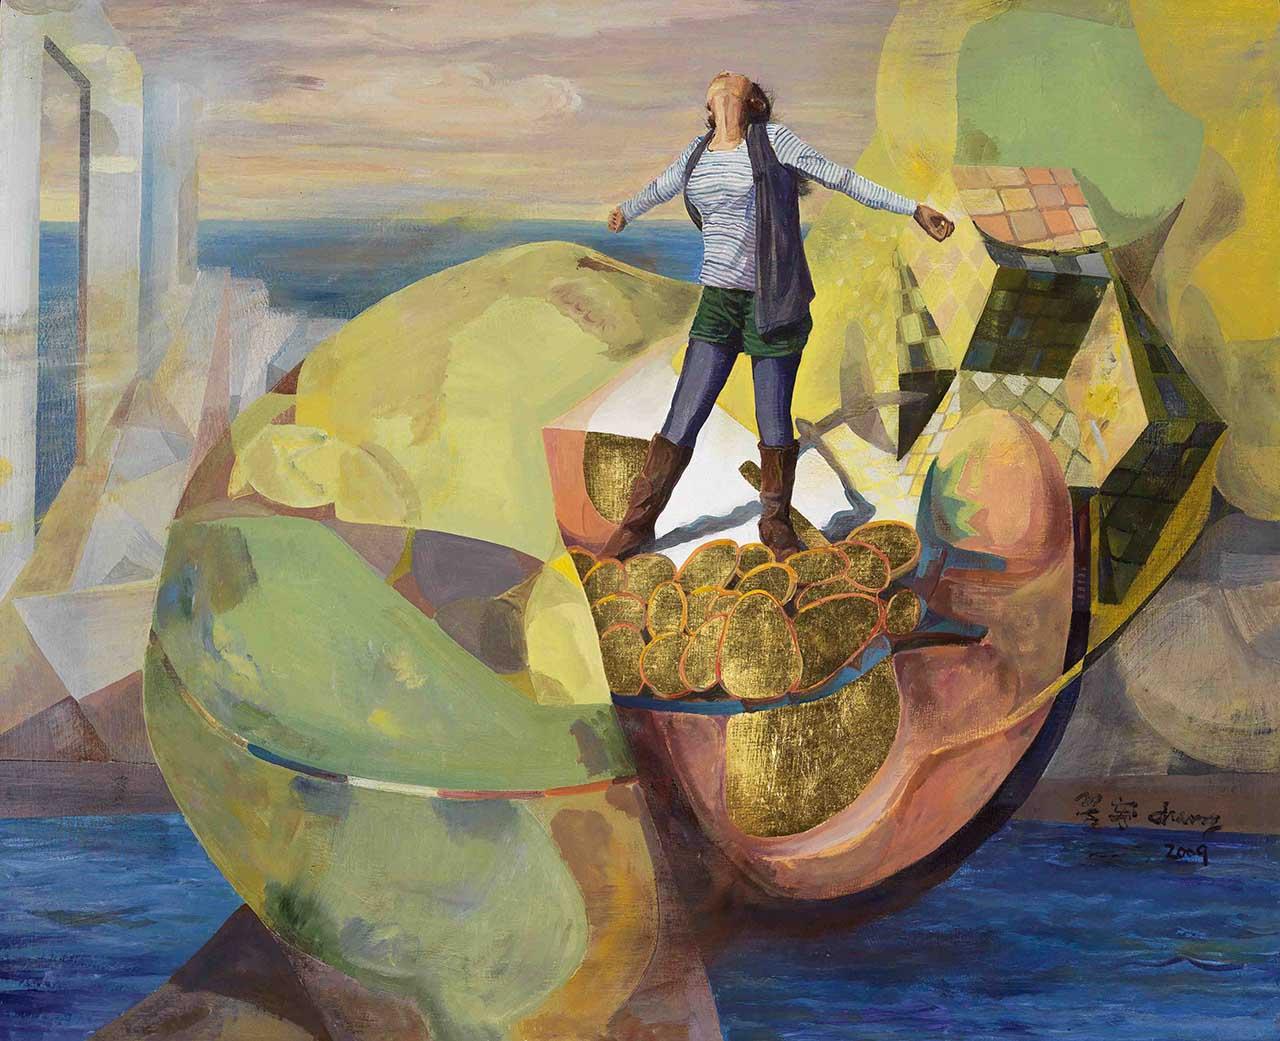 乡愁的岛屿─希望之岛2009油彩、画布 53.1x65.1cm(15F)